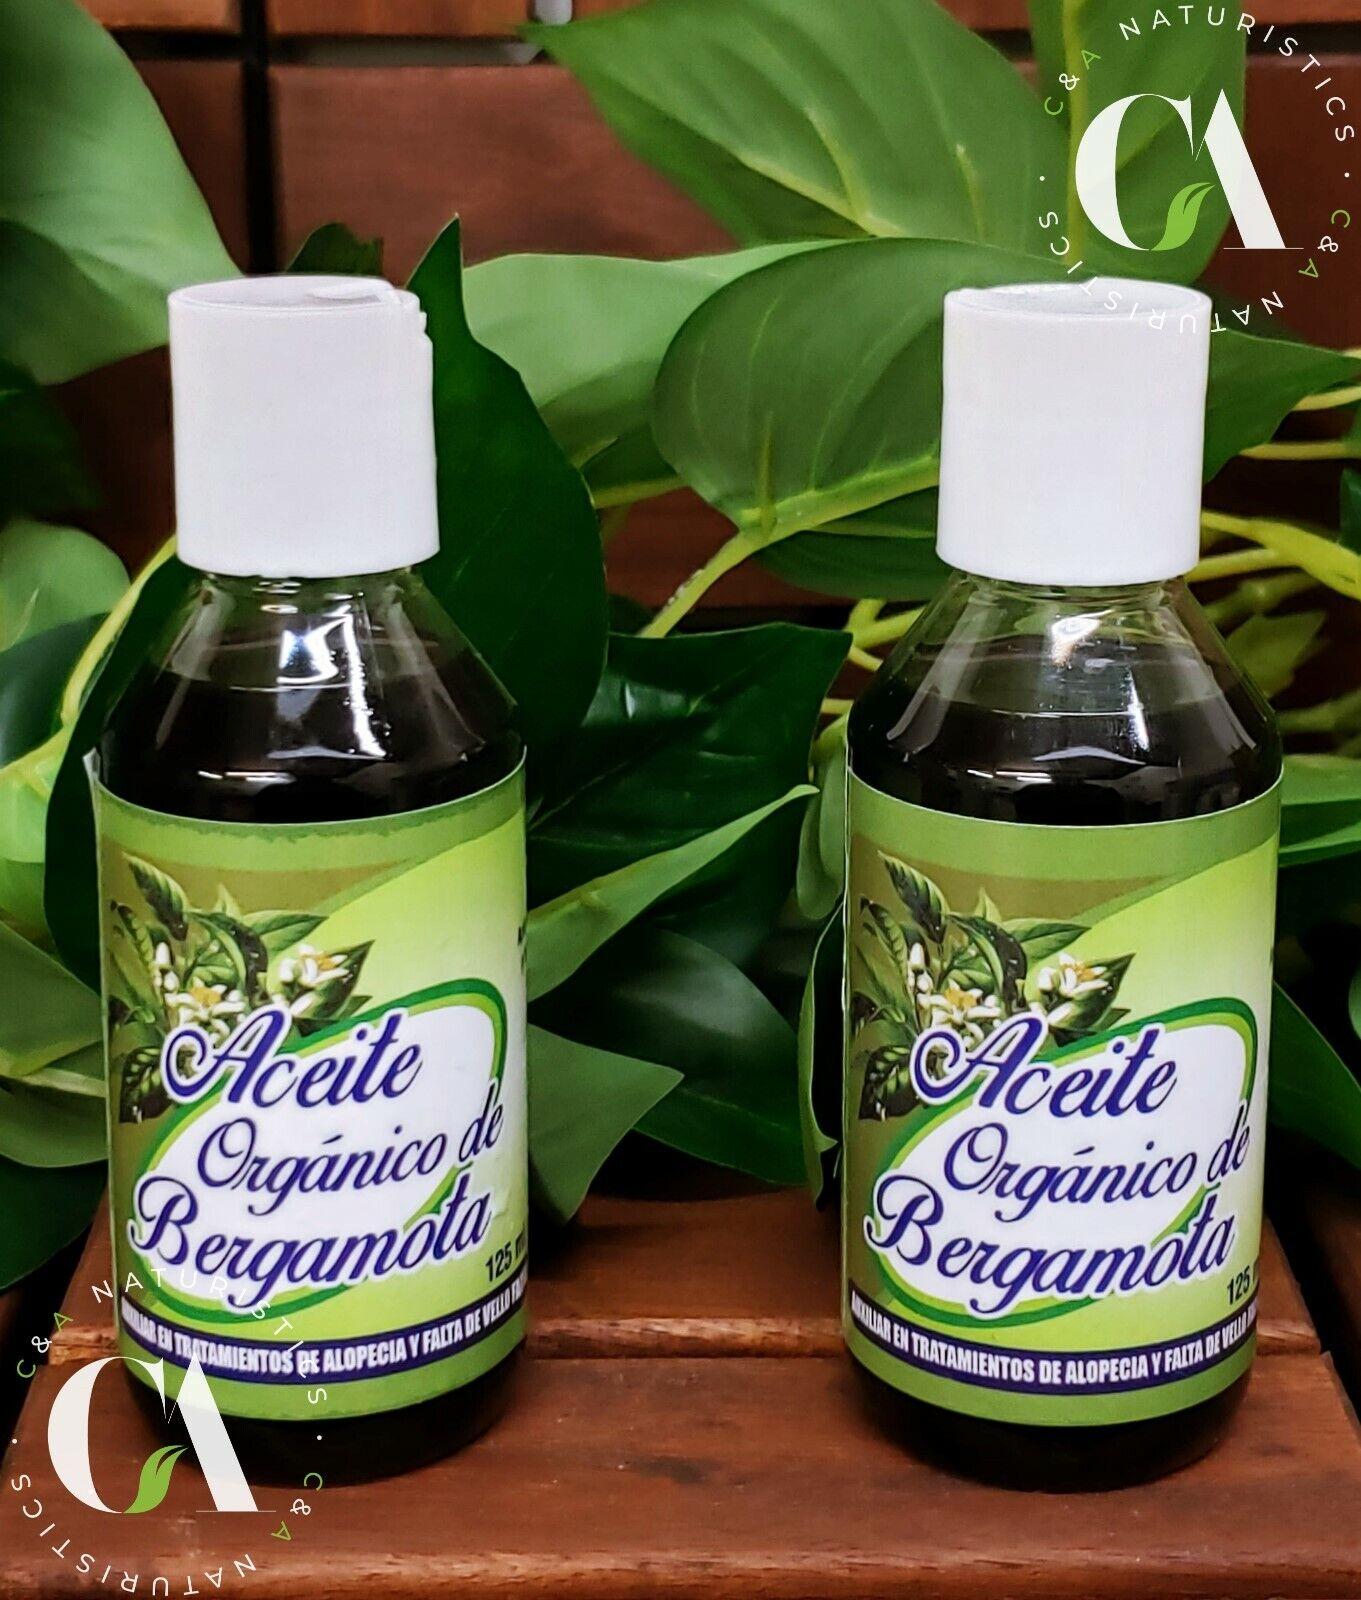 Aceite Orgánico de Bergamota 100% Original & Concentrado (2Pack 125ml Each)